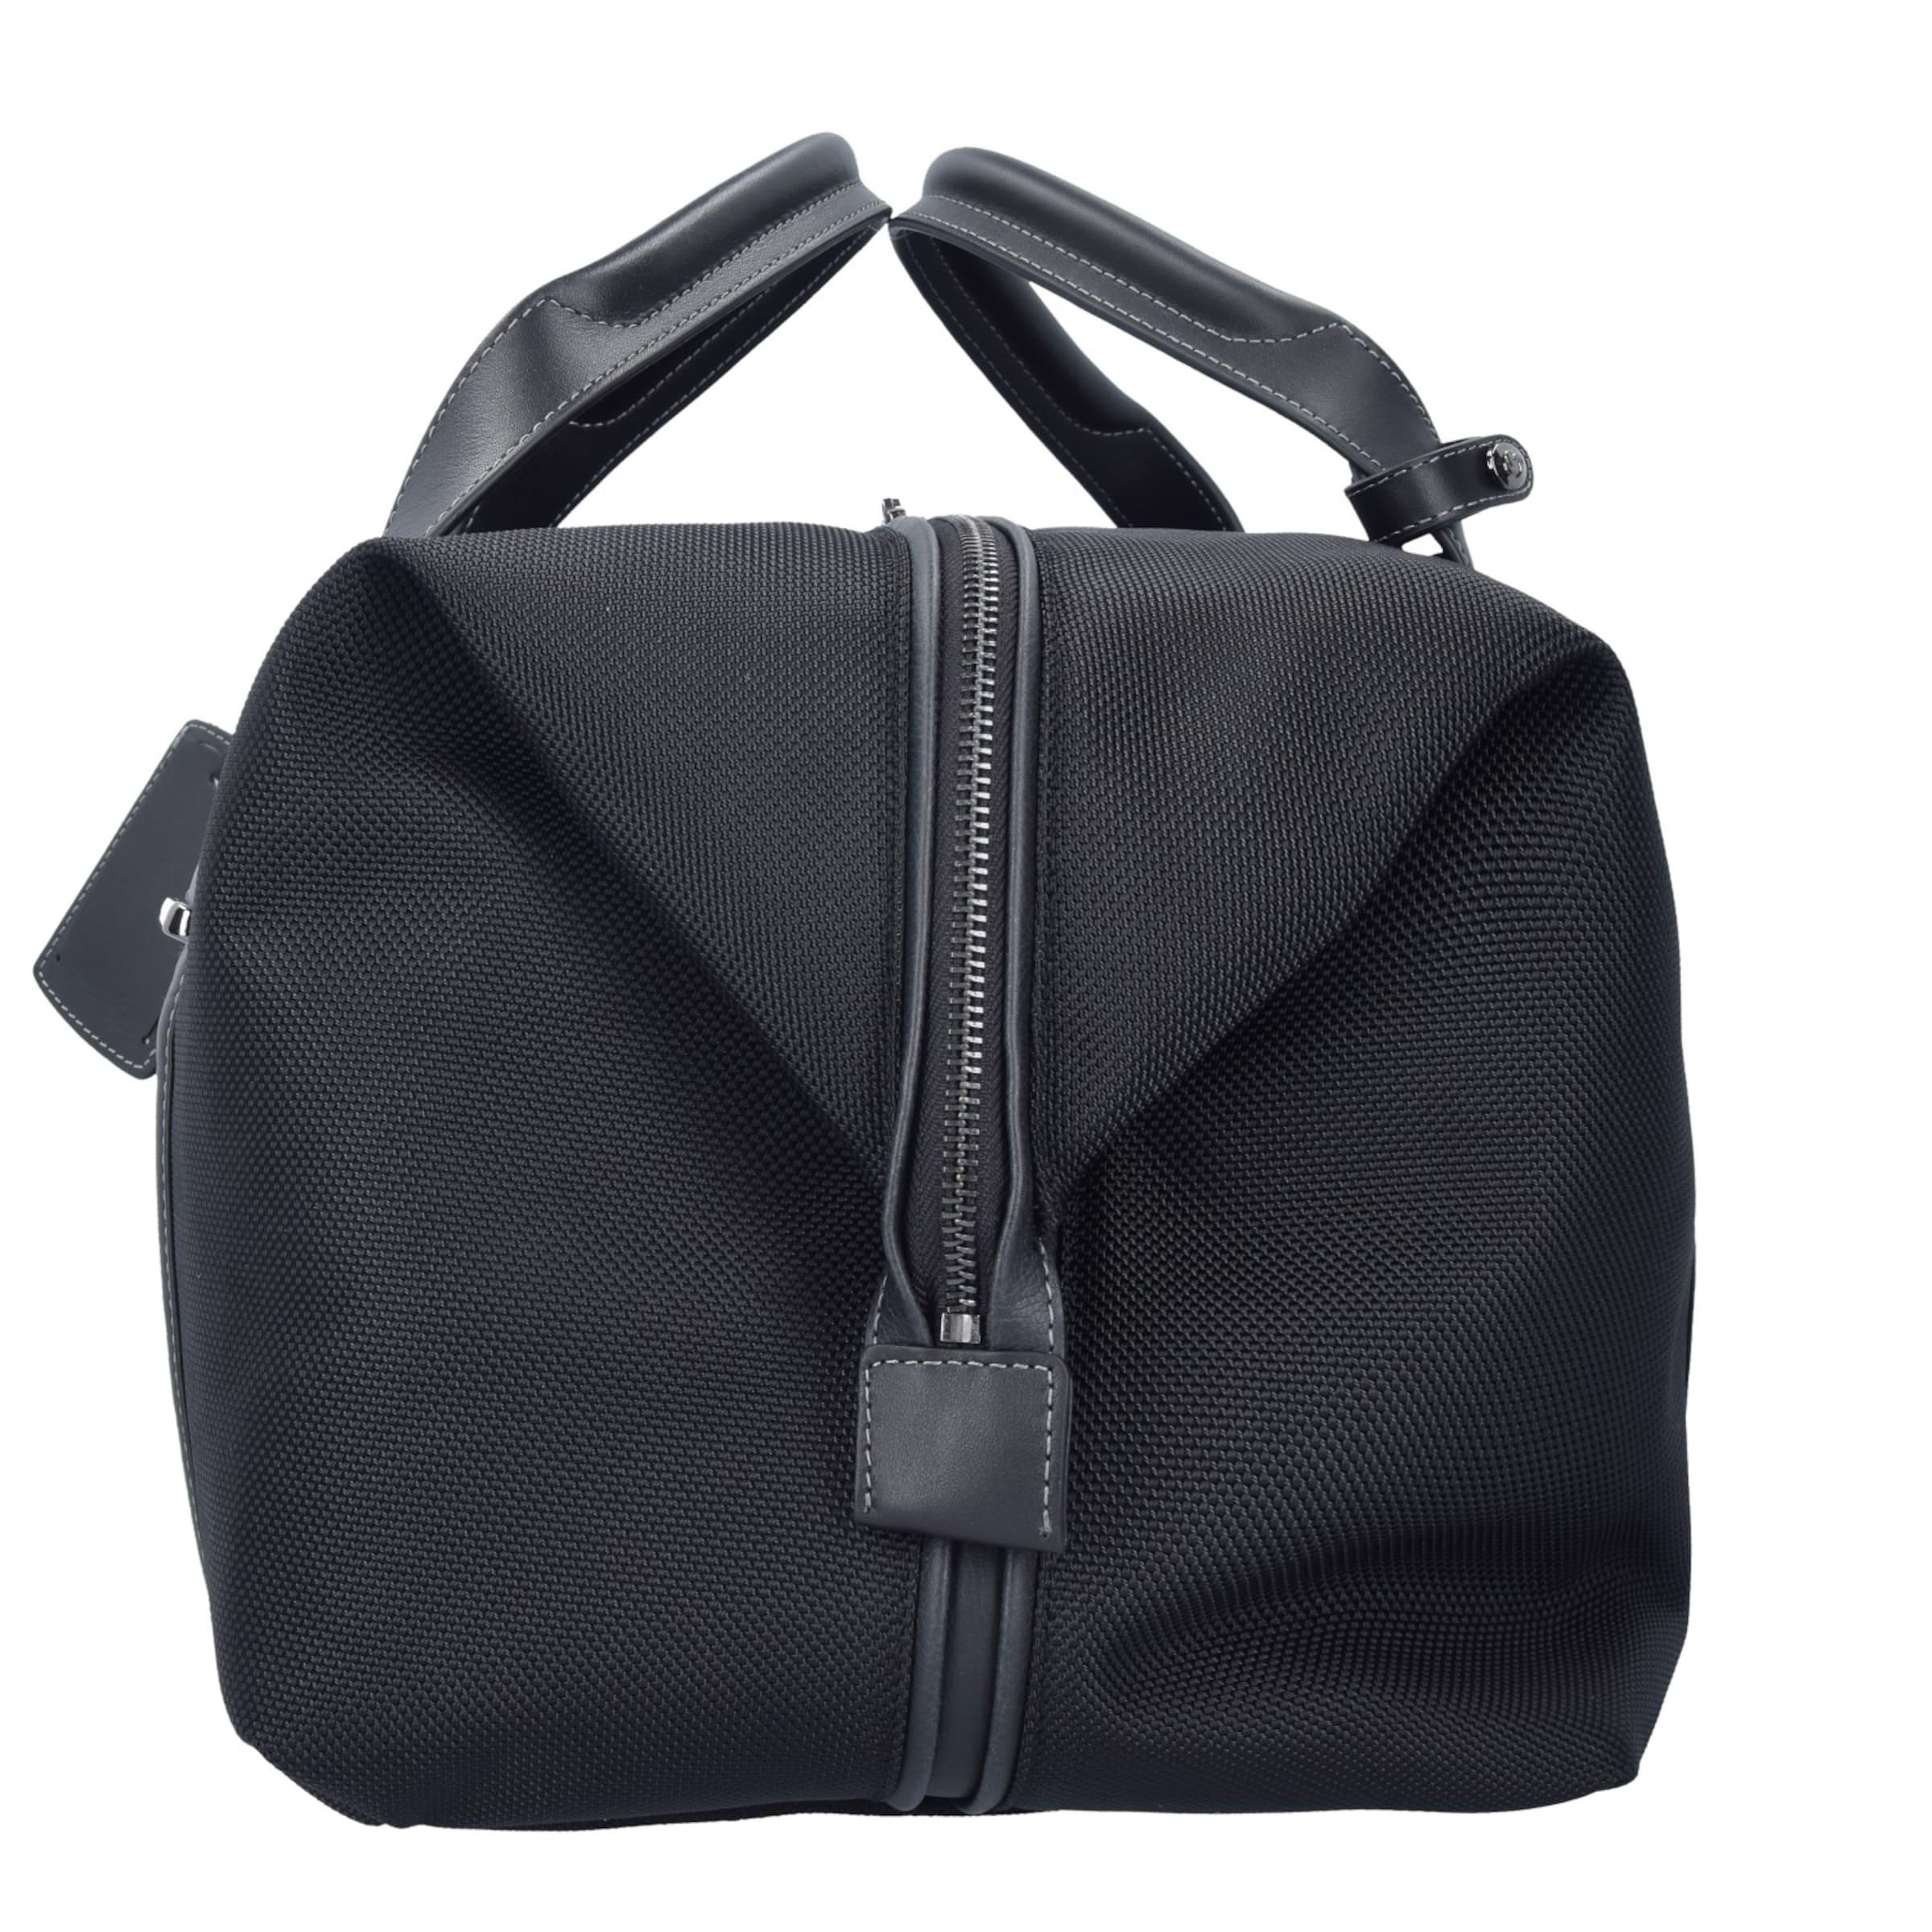 SAMSONITE Lite DLX SP Weekender Reisetasche 46 cm Verkauf Online-Shop Rabatt Limitierte Auflage Günstige Standorte Verkauf Auslass ovI2WOhm